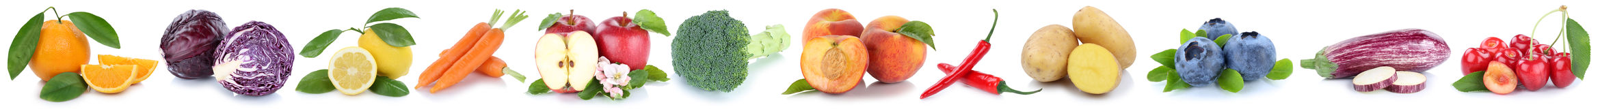 Апельсин яблока фруктов и овощей изолированный собранием в ряд Стоковое Изображение RF